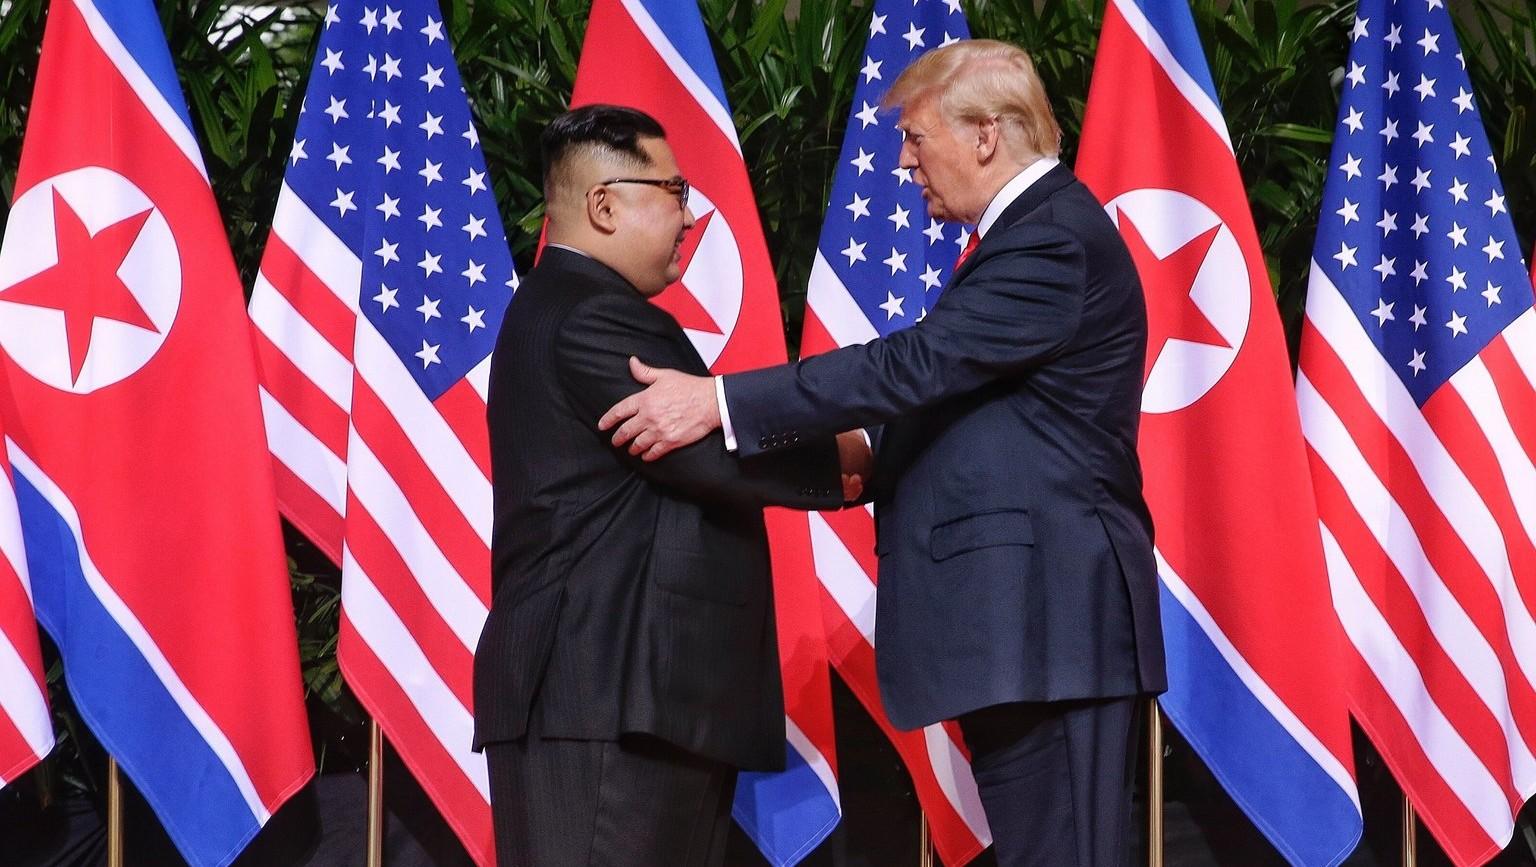 Kim Dzsongun, észak-koreai vezető és Donald Trump, amerikai elnök kezet fog a szingapúri Sentosa szigeten fekvő Capella Hotelben tartott csúcstalálkozójukon 2018. június 12-én (Fotó: MTI/EPA/The Straits Time/Kevin Lim)